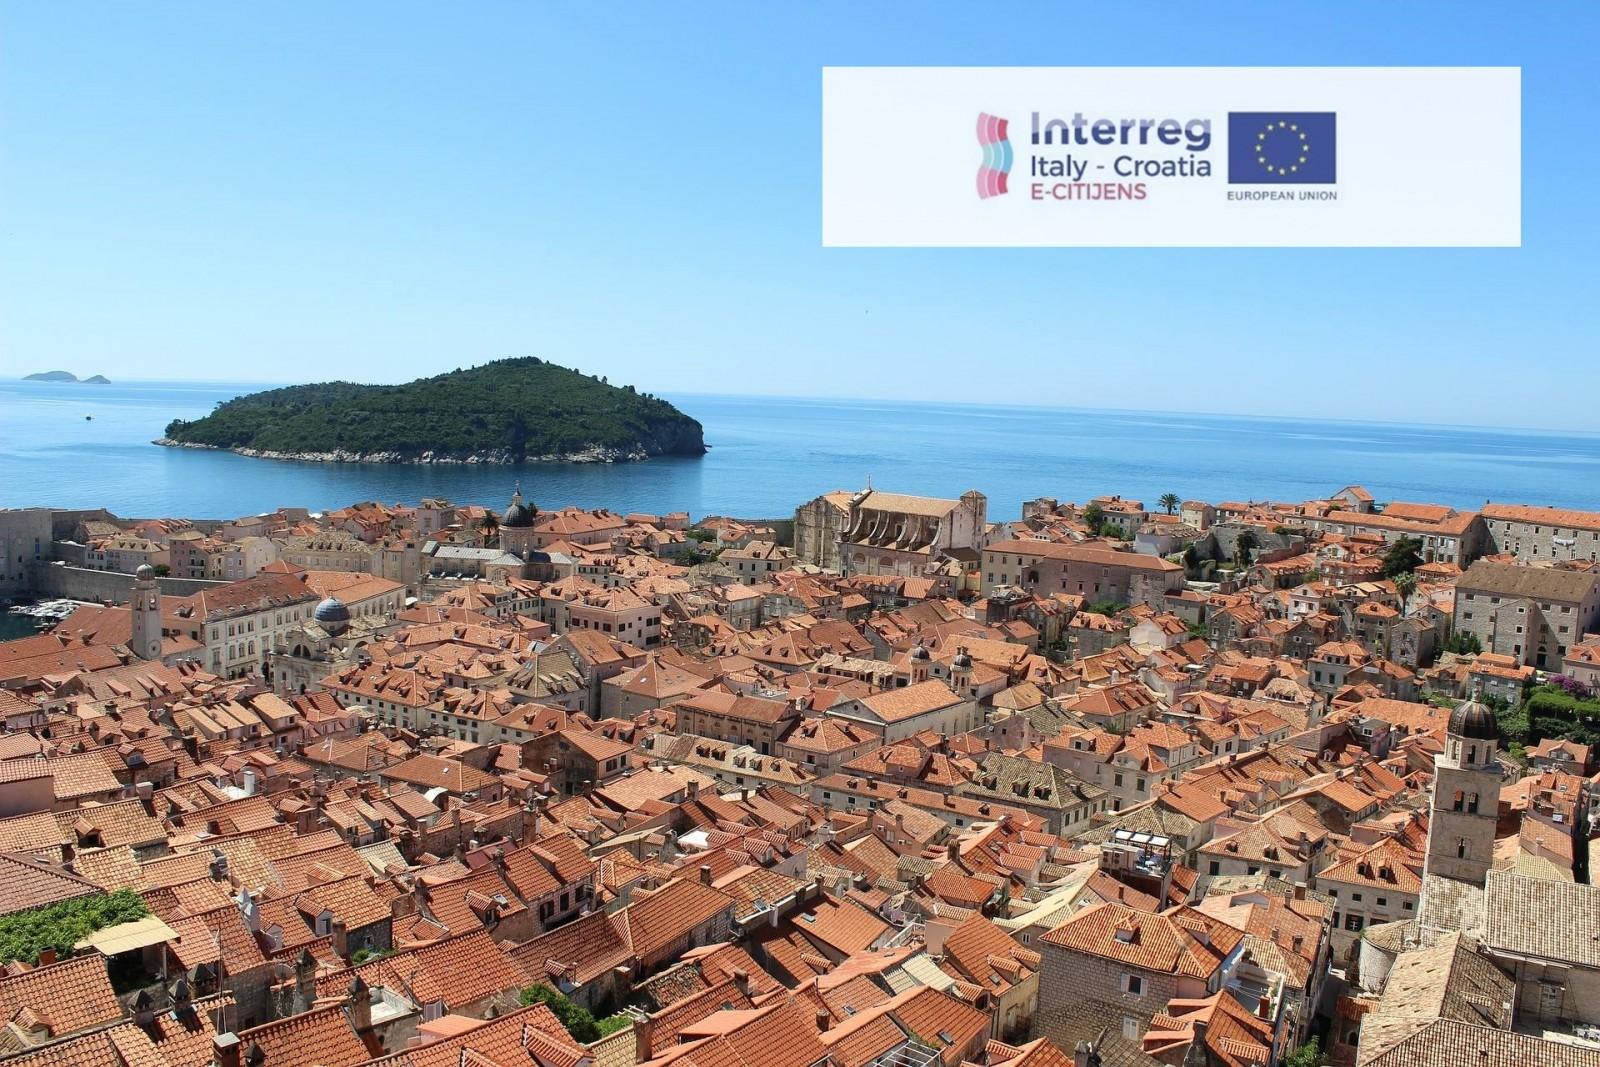 Projekt E-CITIJENS - Grad Dubrovnik nabavlja opremu za civilnu zaštitu